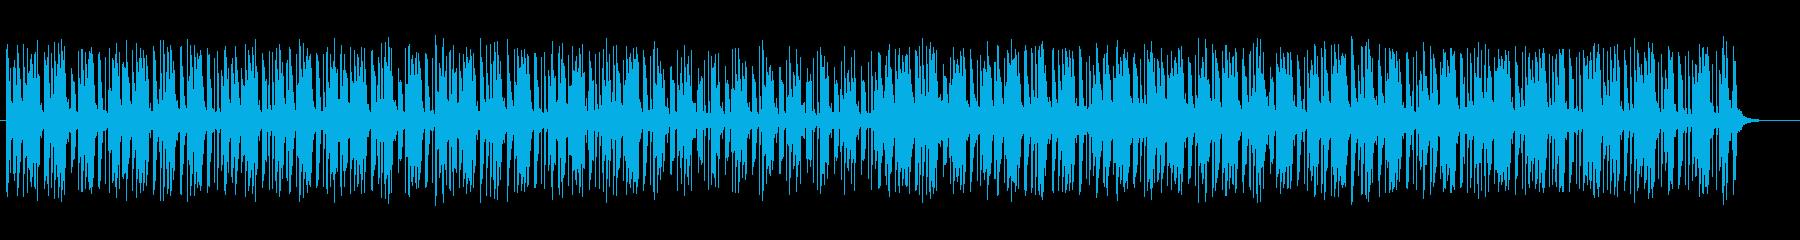 テンポよいほのぼのミュージックの再生済みの波形